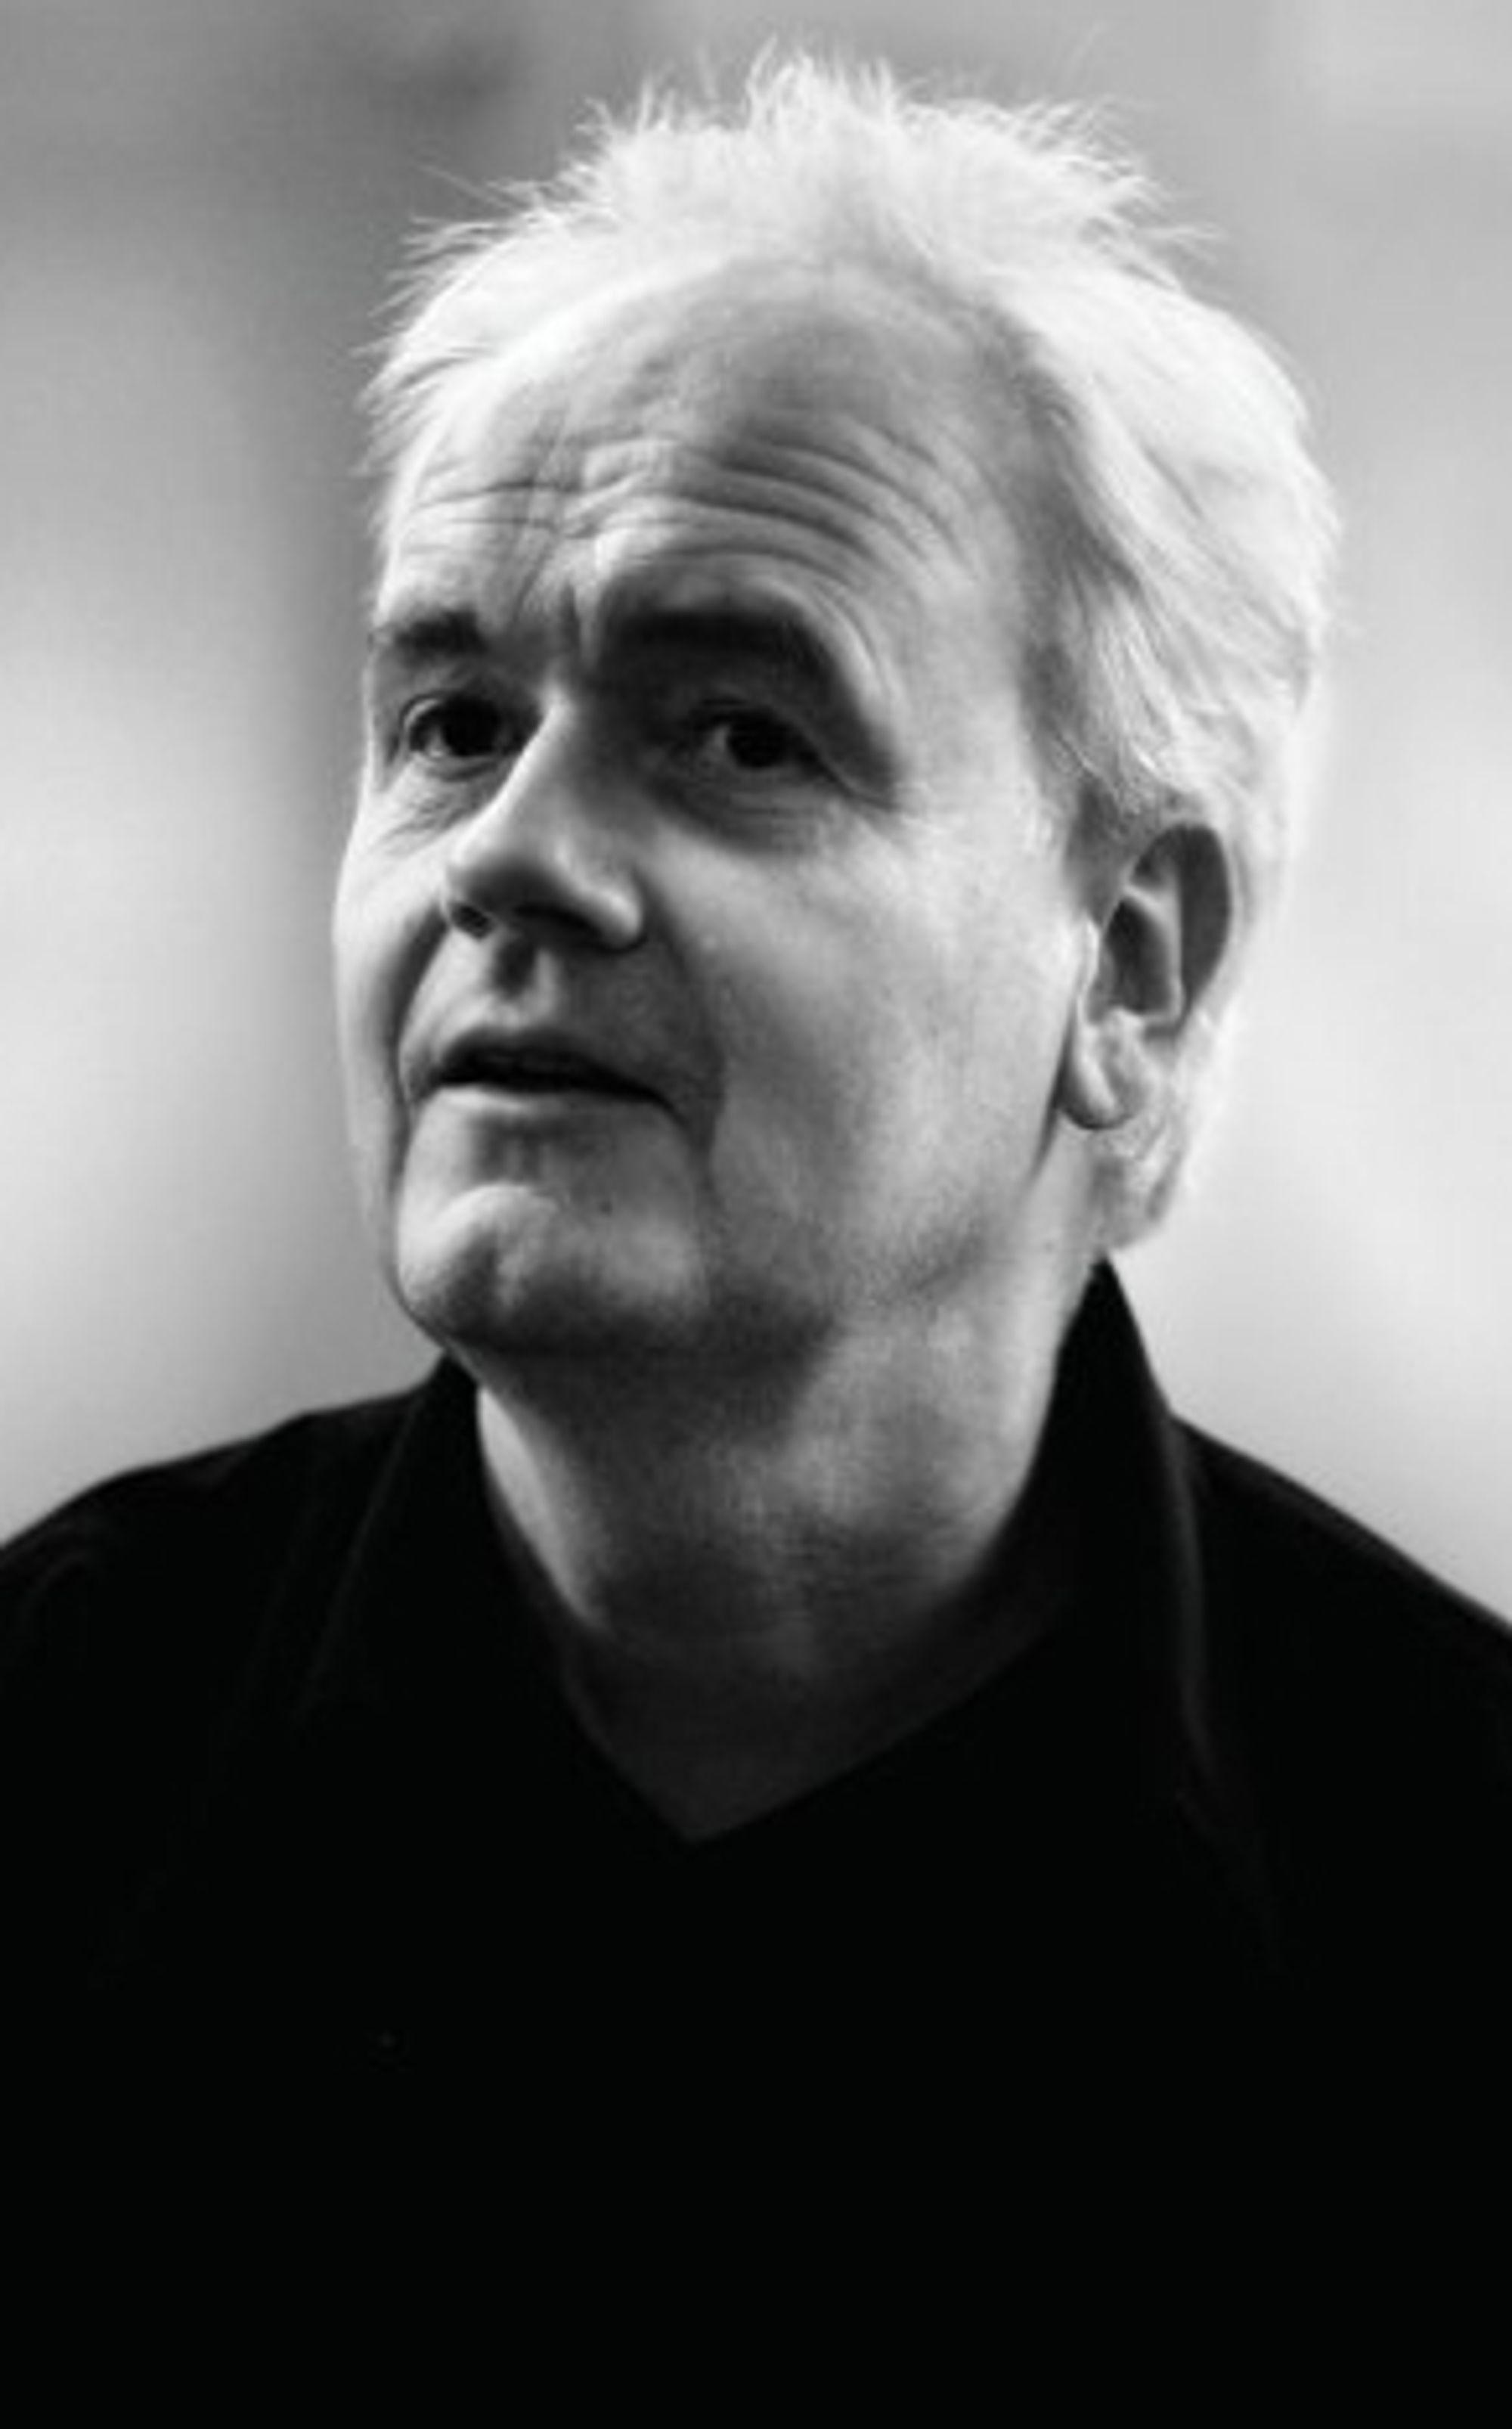 Lavmælt, varmt og elegant trakterer Kjetil Bjørnstad pianoet.